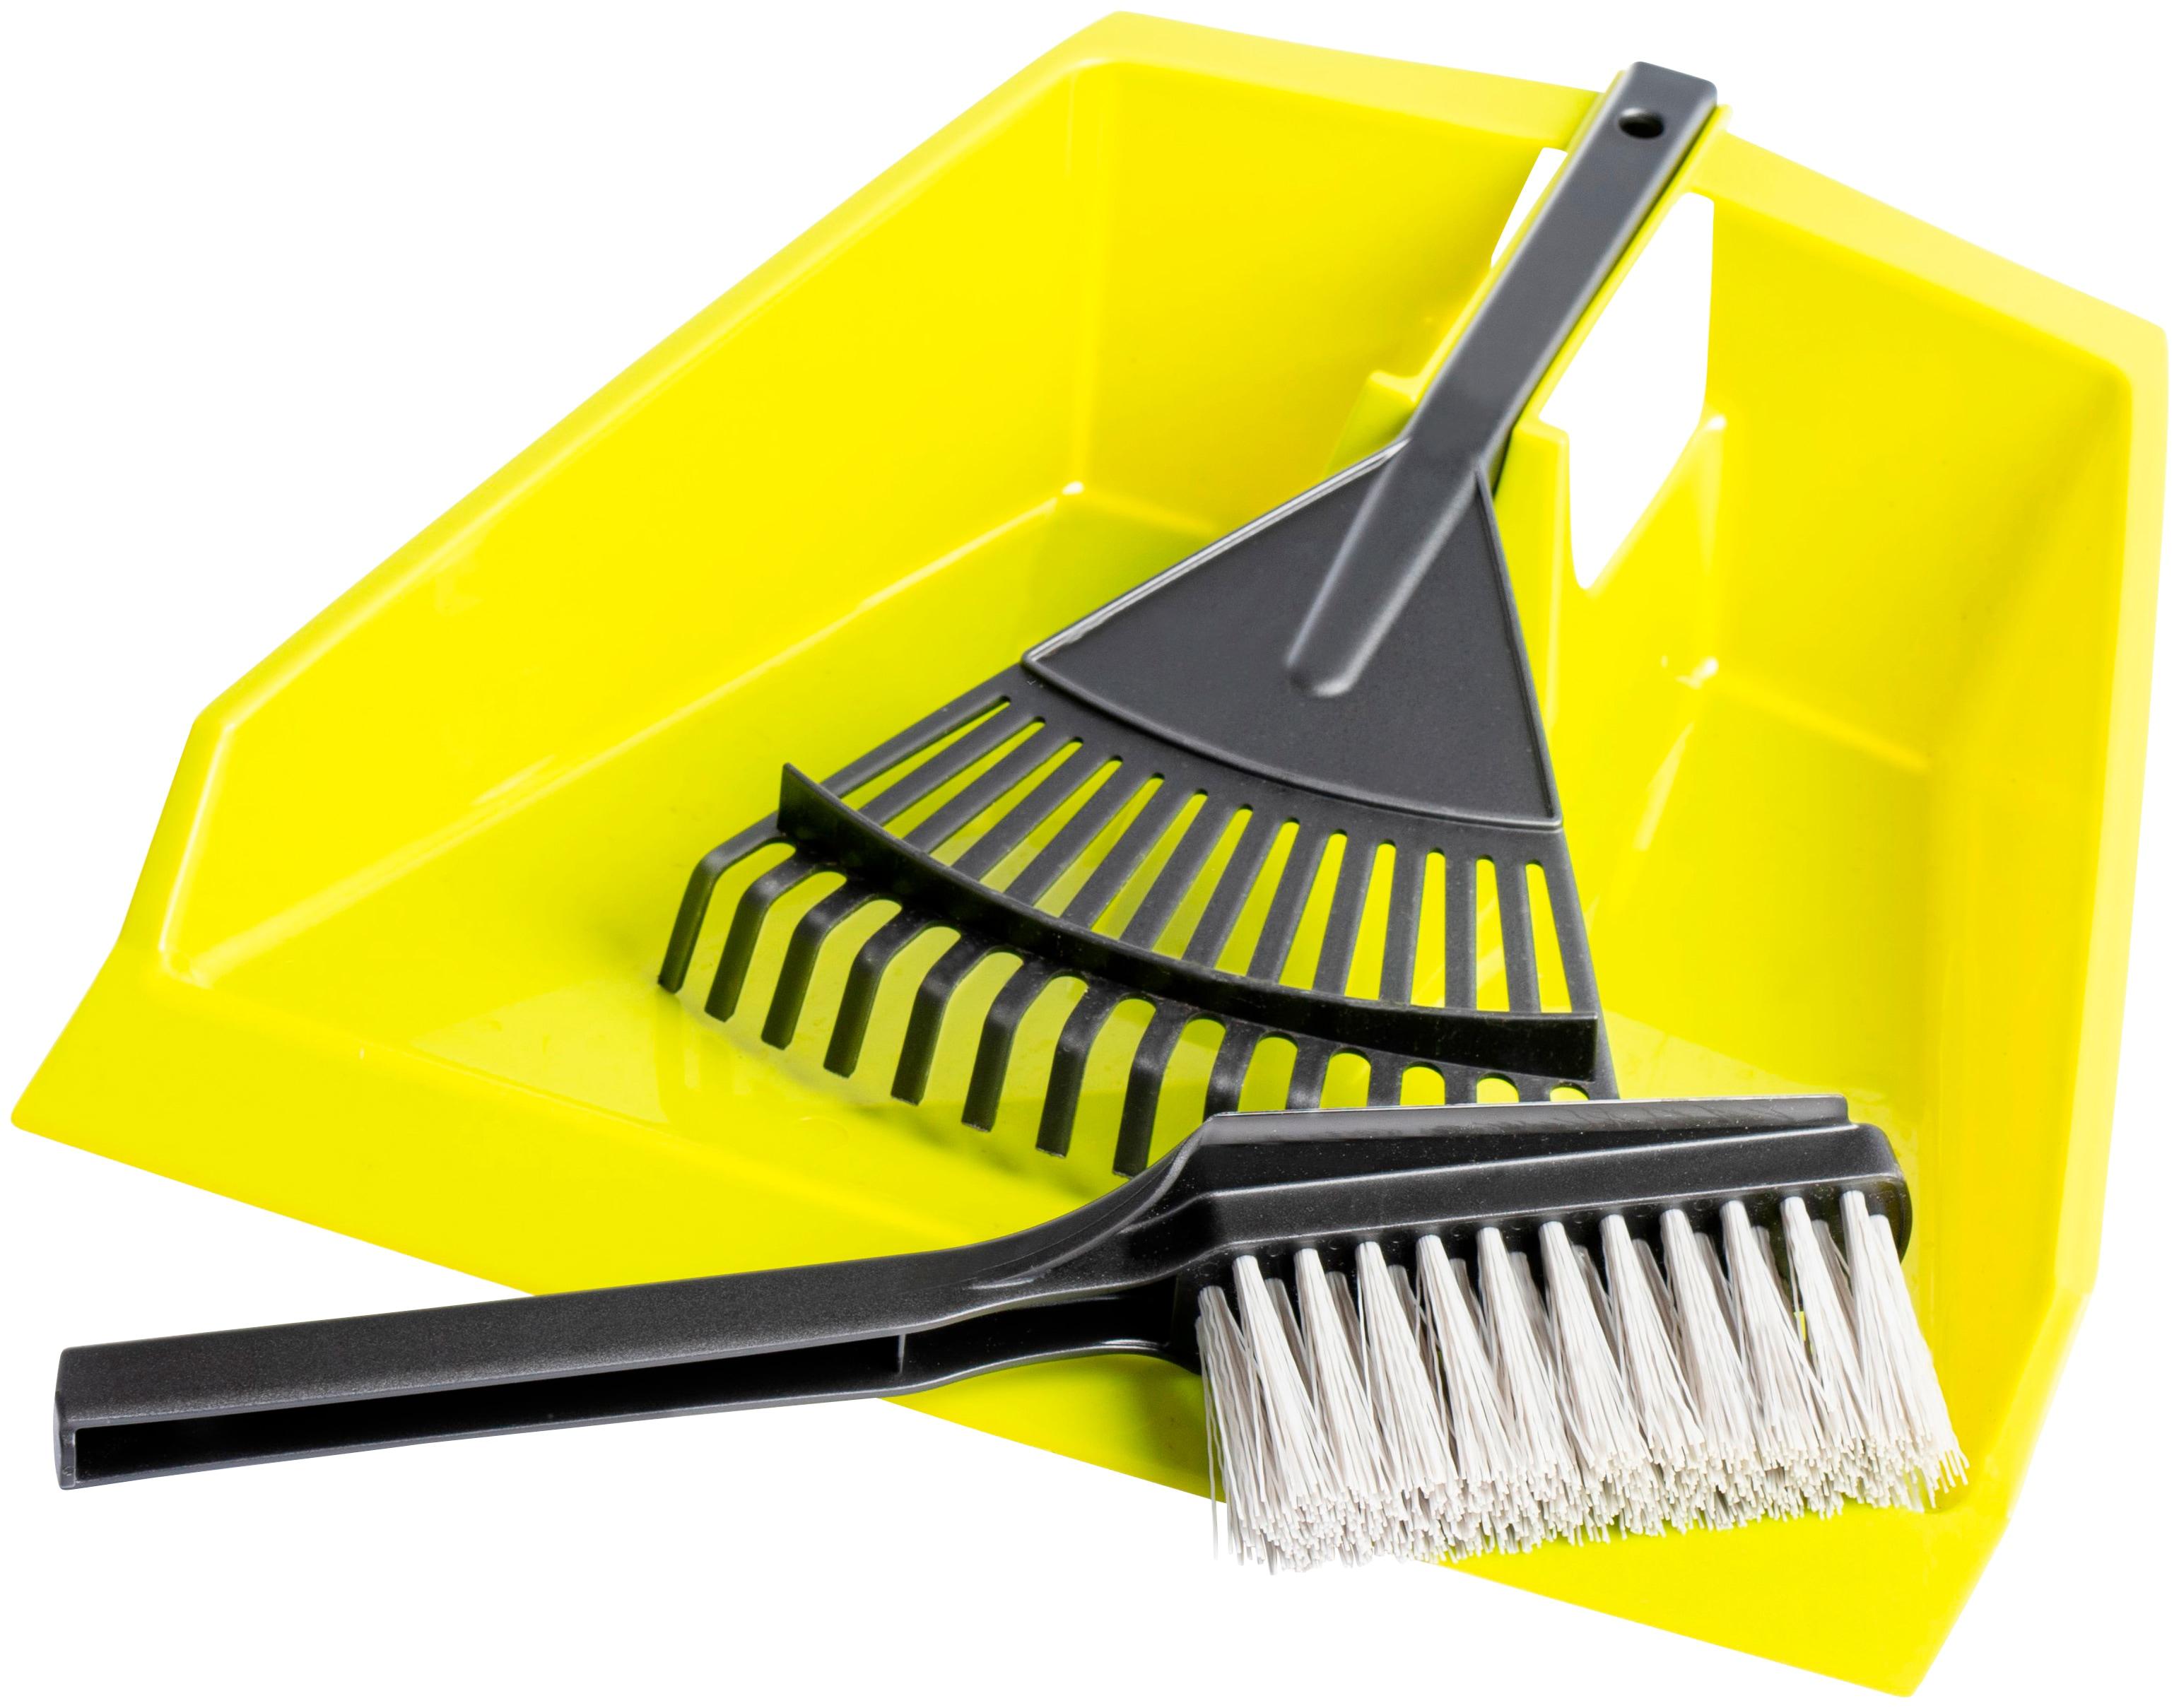 UPP Kehrset »Jumbo«, große Schaufel mit Besen und Rechen   Garten > Gartengeräte > Spaten und Schaufeln   Grün   Kunststoff   UPP